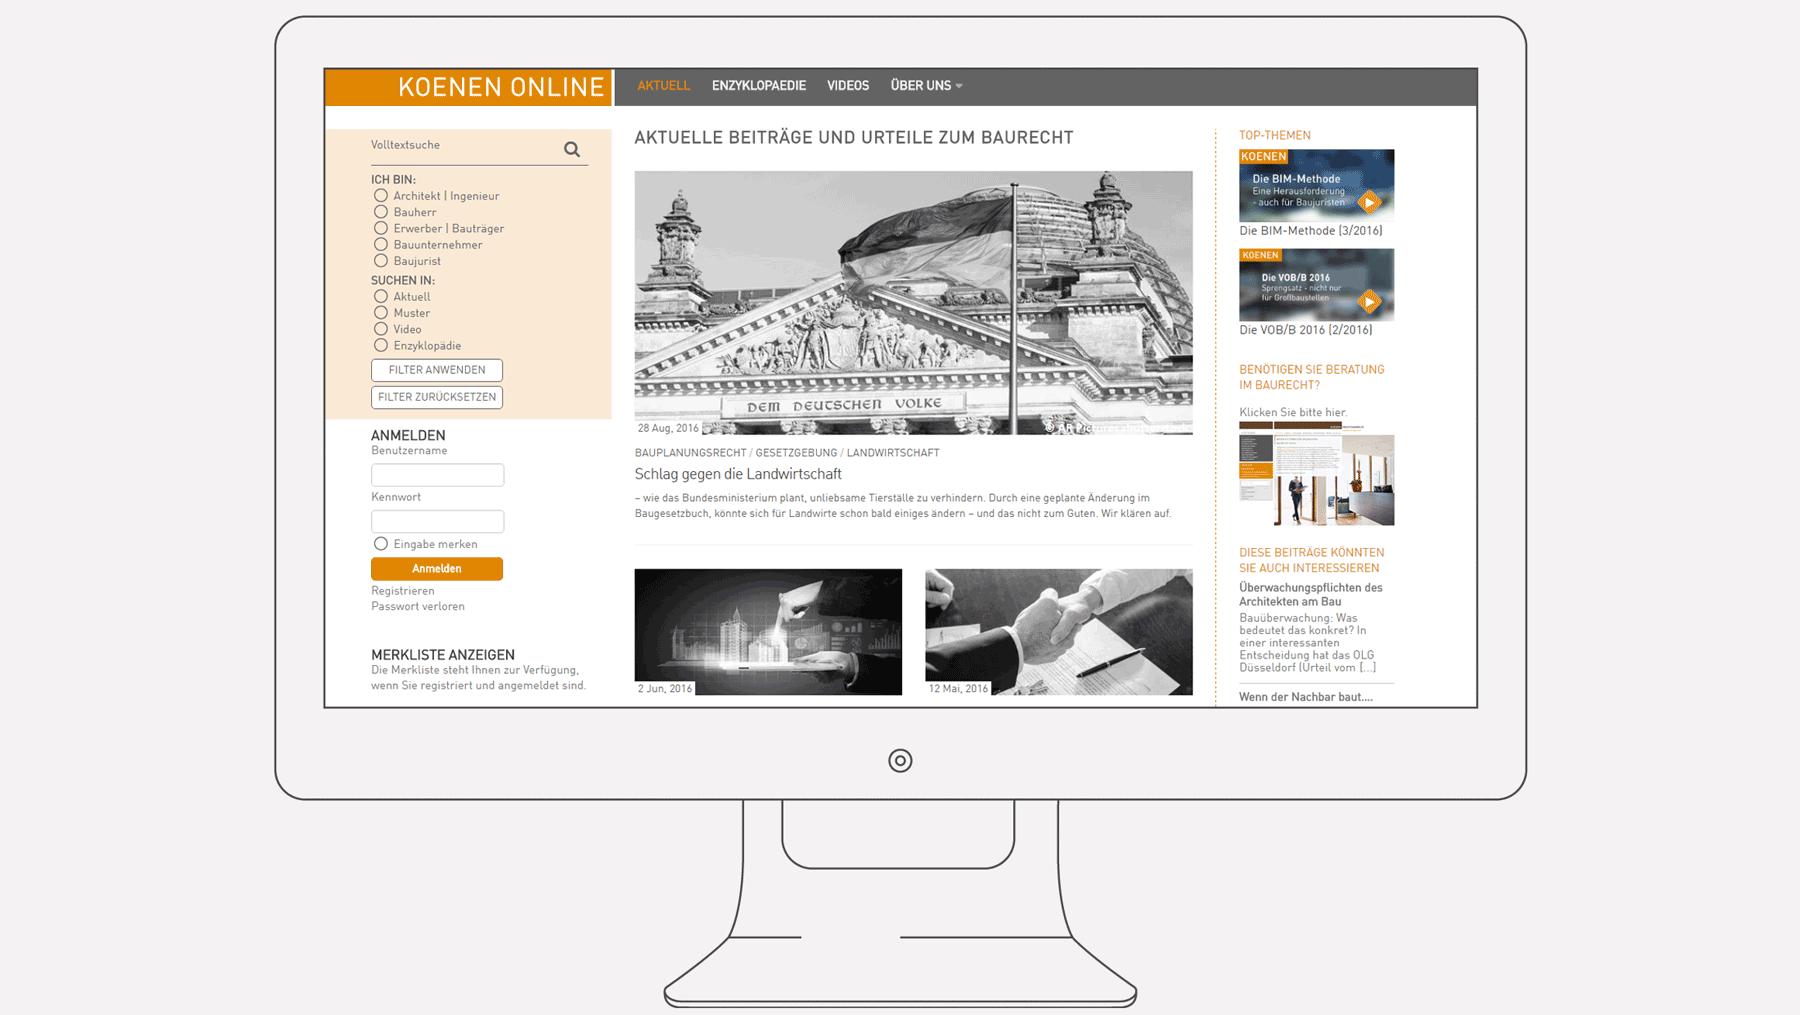 Koenen Online - Startseite